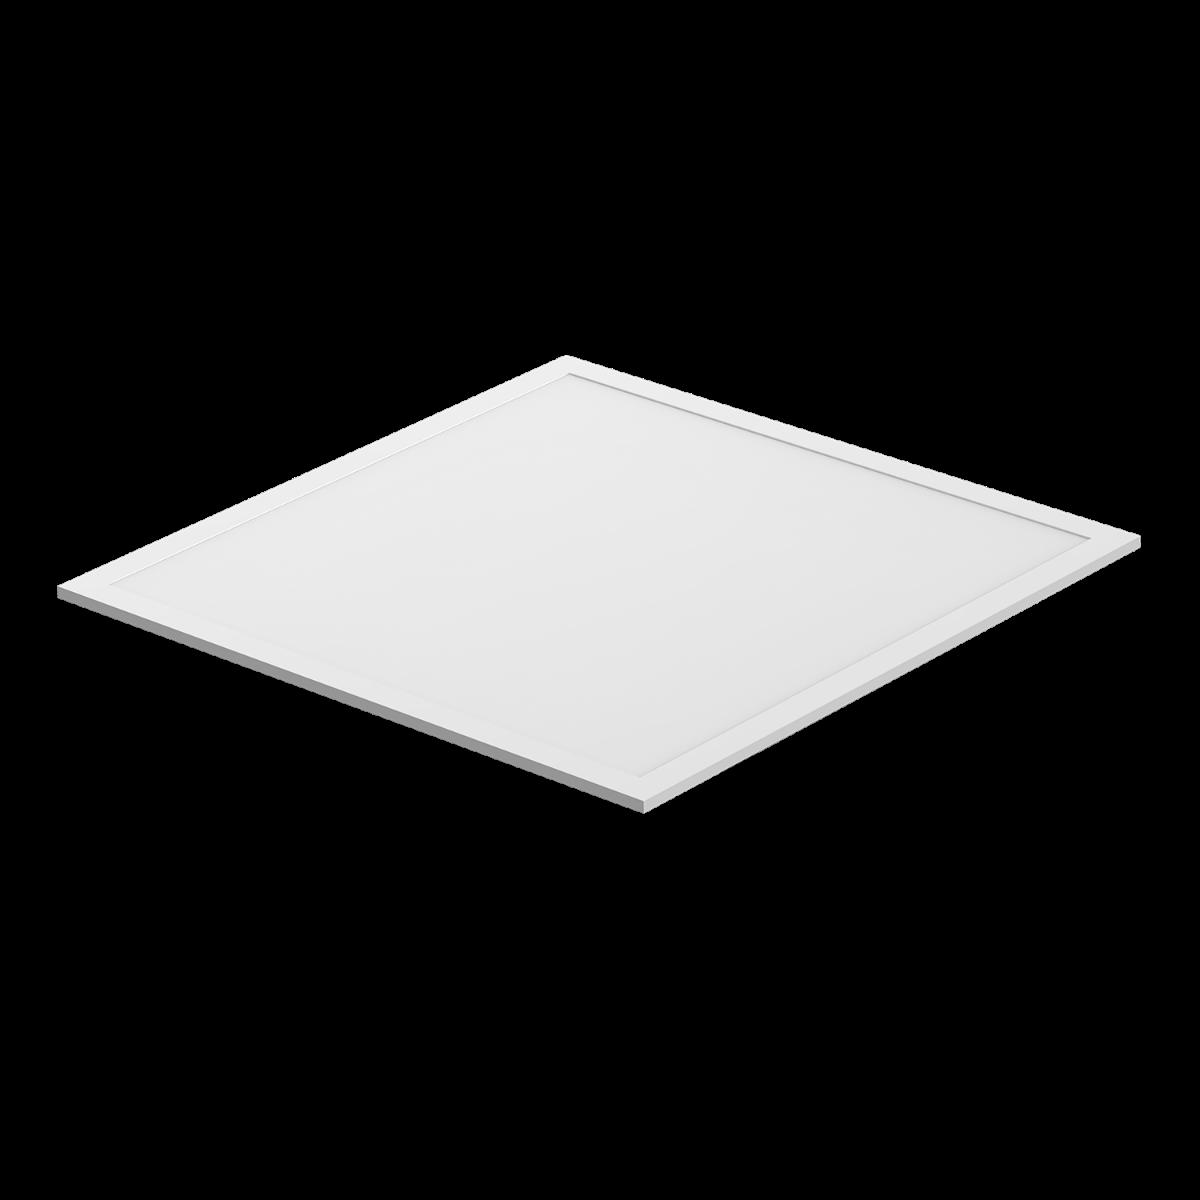 Noxion LED Paneel Econox 32W Xitanium DALI 60x60cm 6500K 4400lm UGR <22 | Dali Dimbaar - Vervanger voor 4x18W